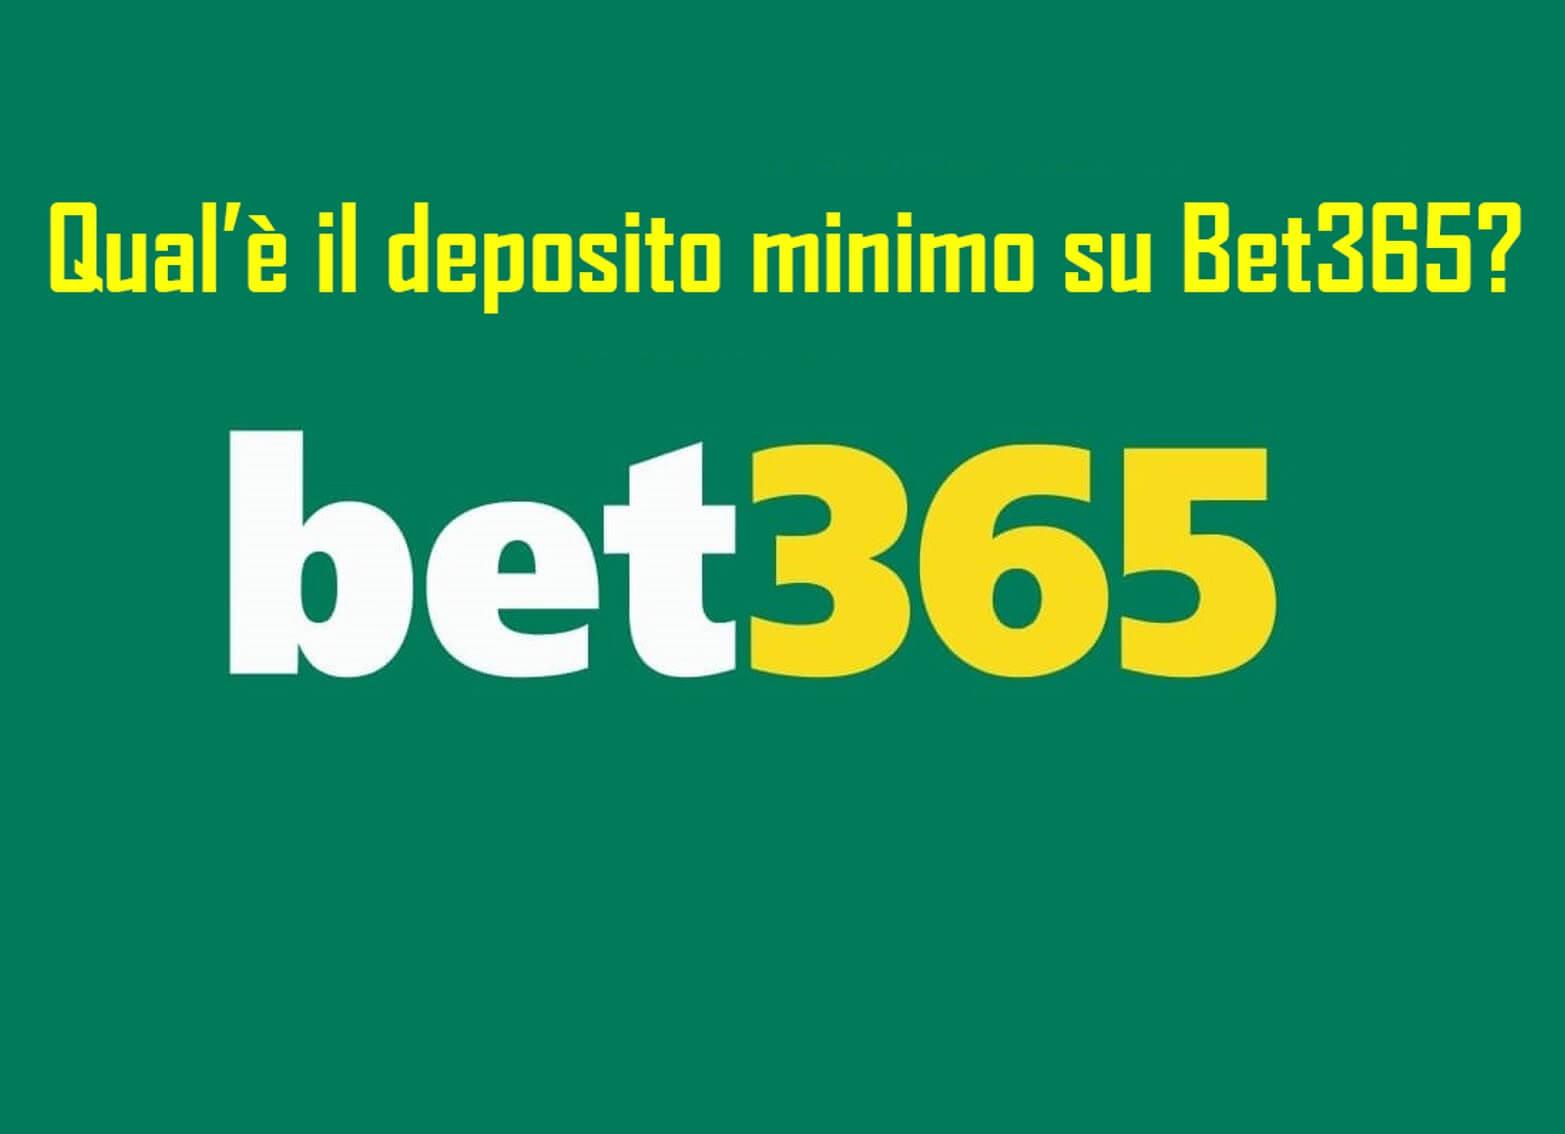 Qual è il deposito minimo su Bet365